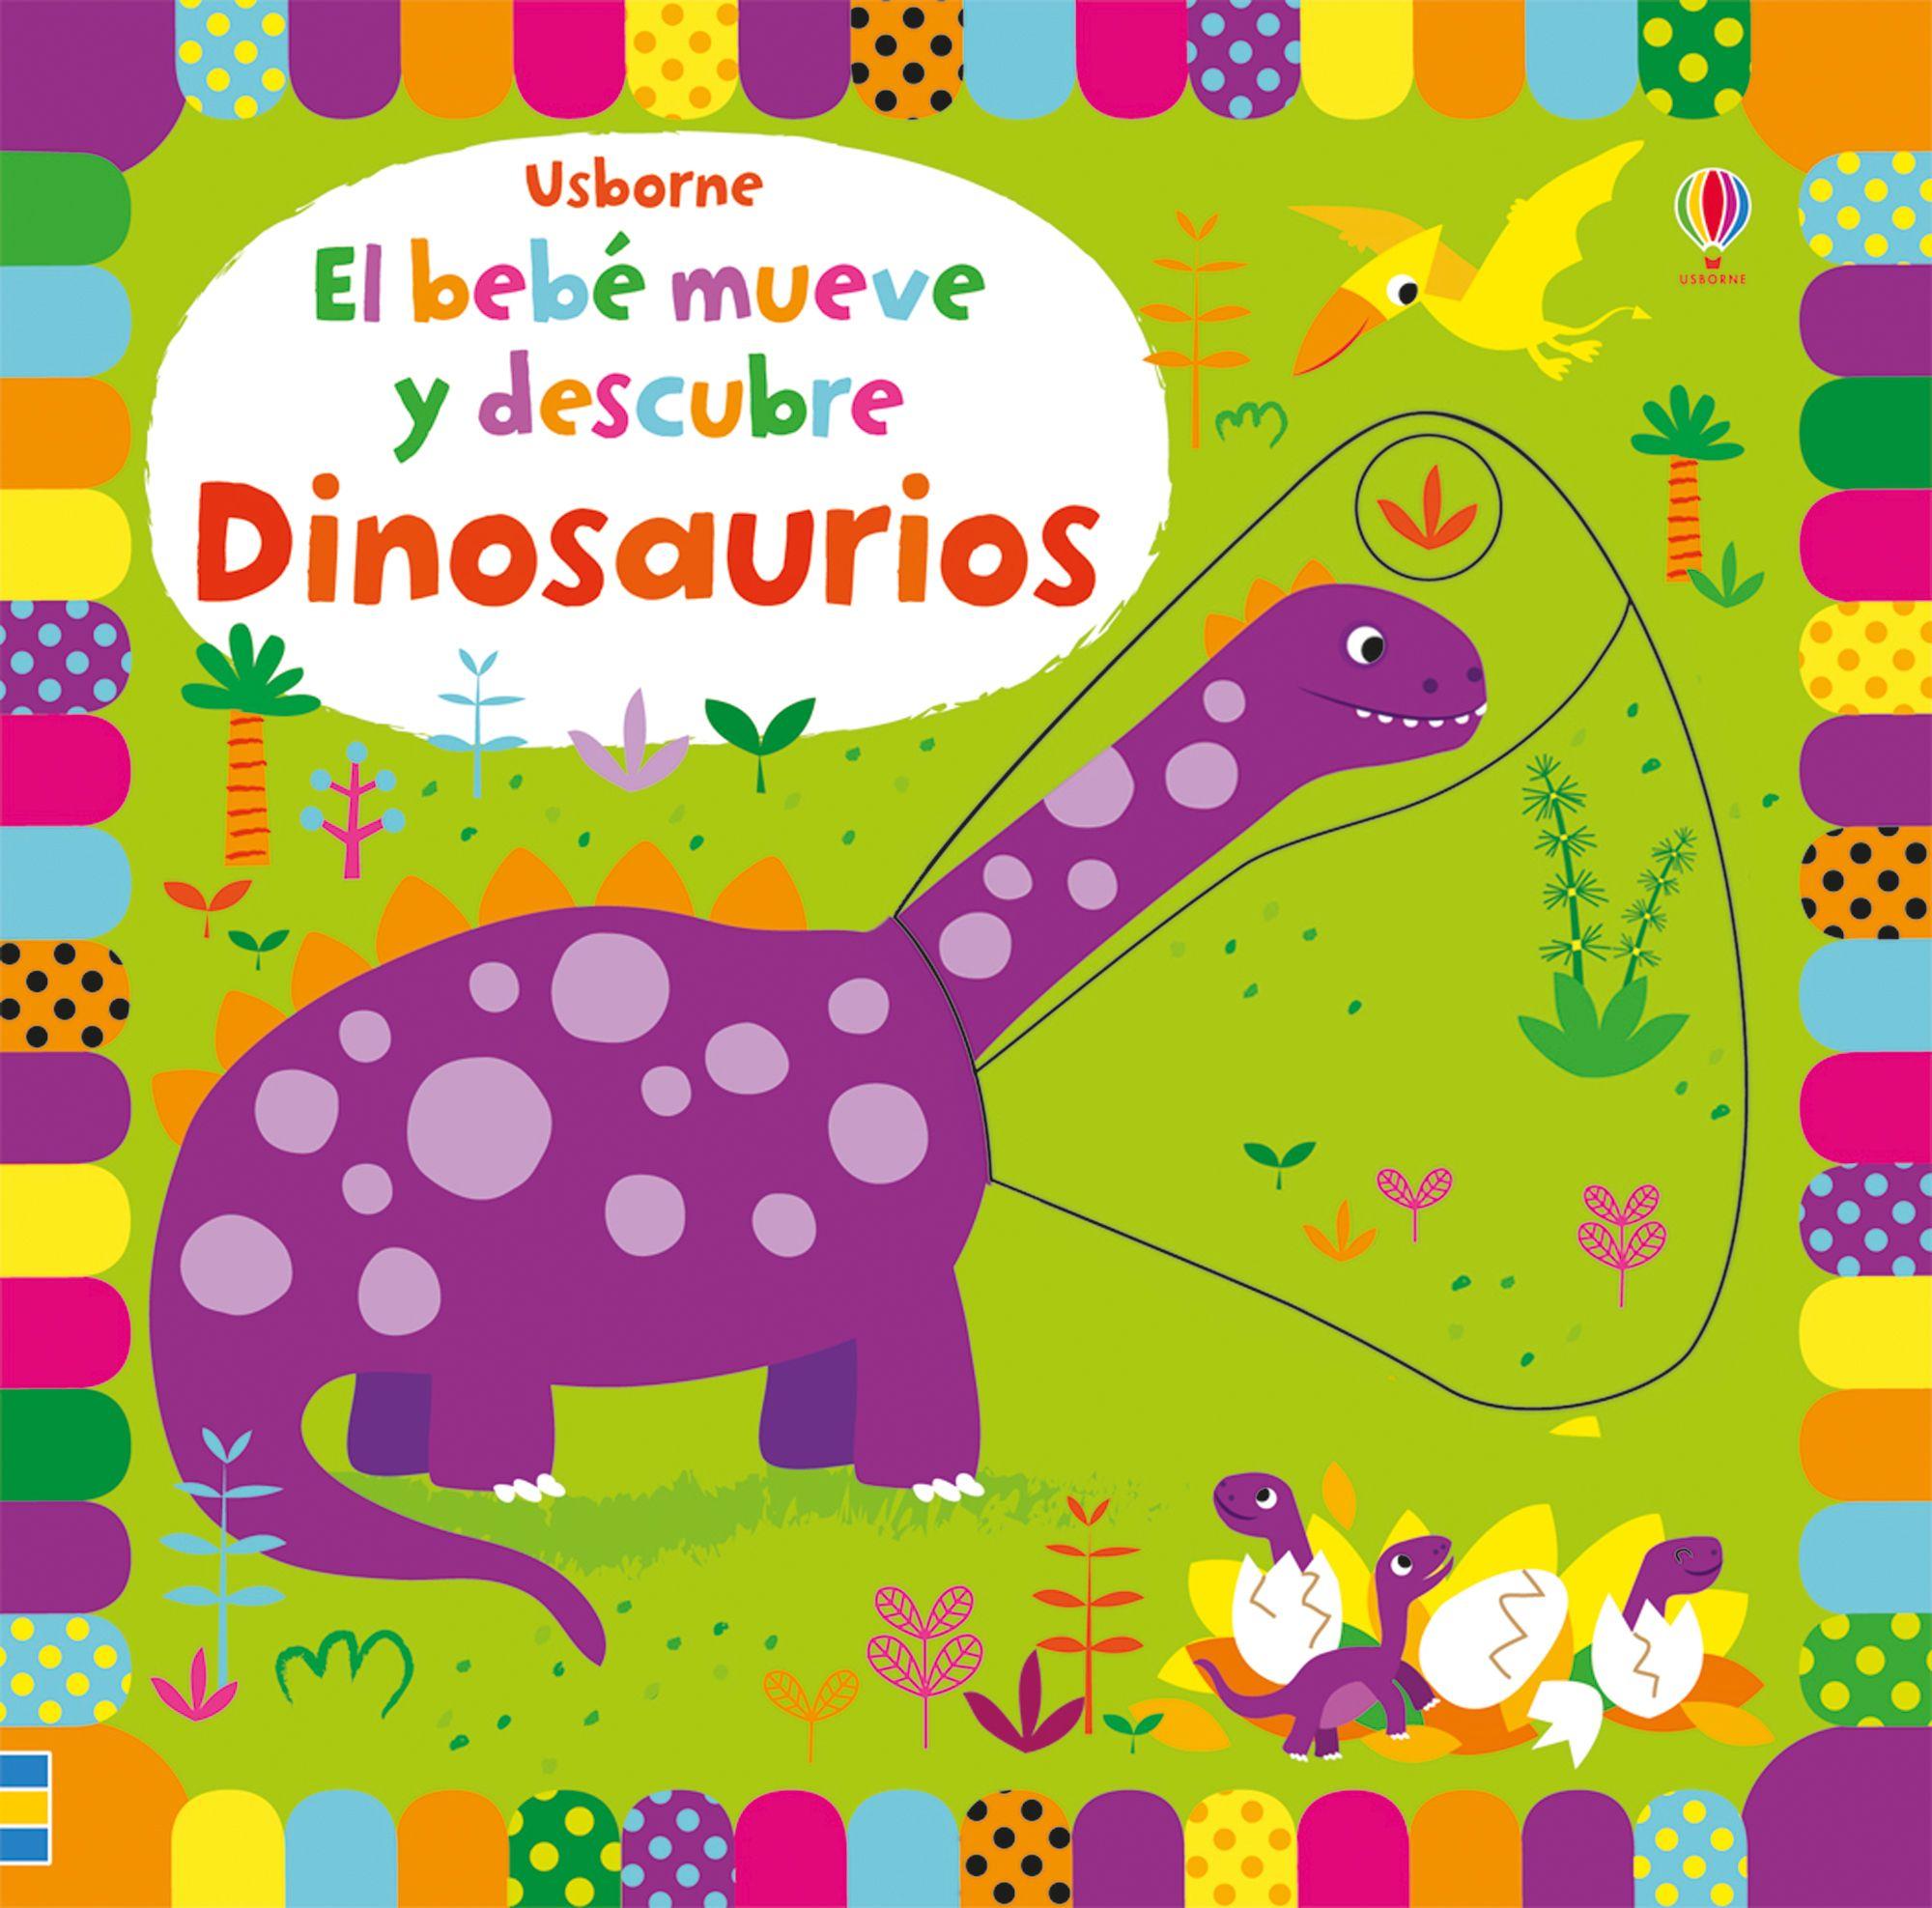 Pin de Ediciones Usborne España en Libros sobre dinosaurios ...